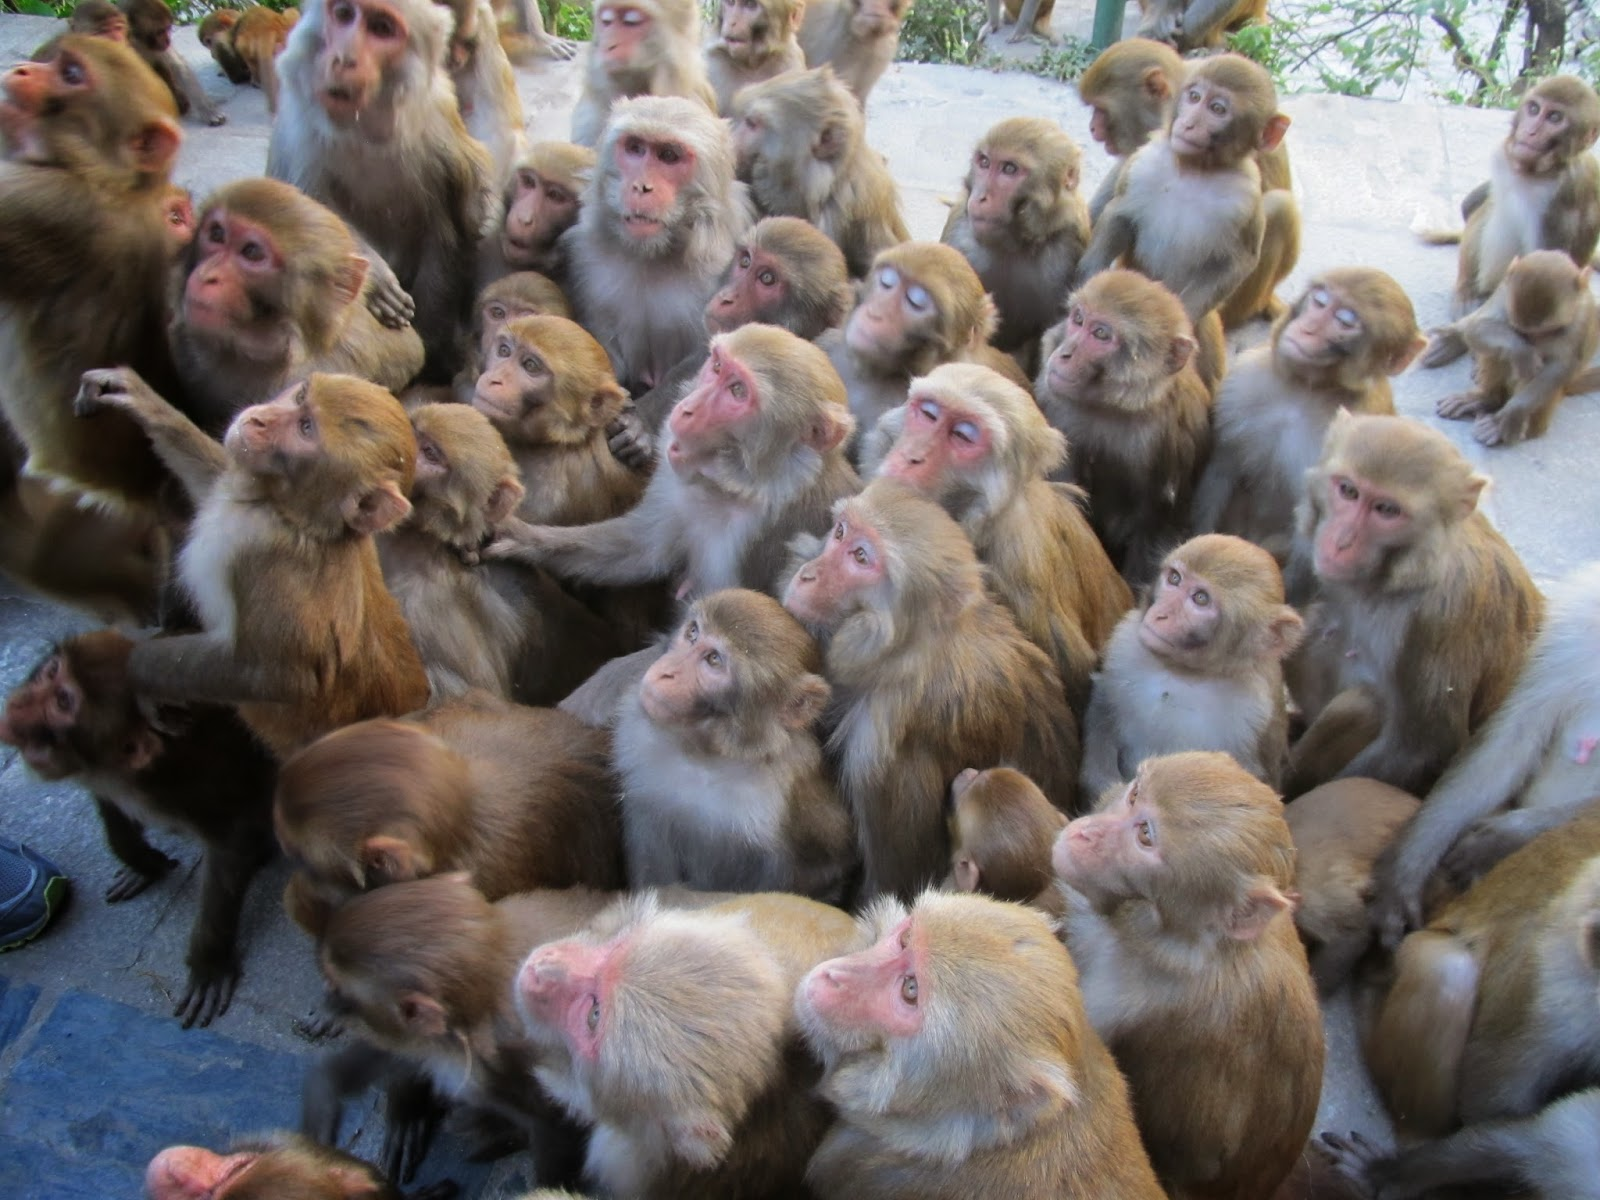 толпа или стадо обезьян это много мартышек сбившихся в кучу смотрят ждут